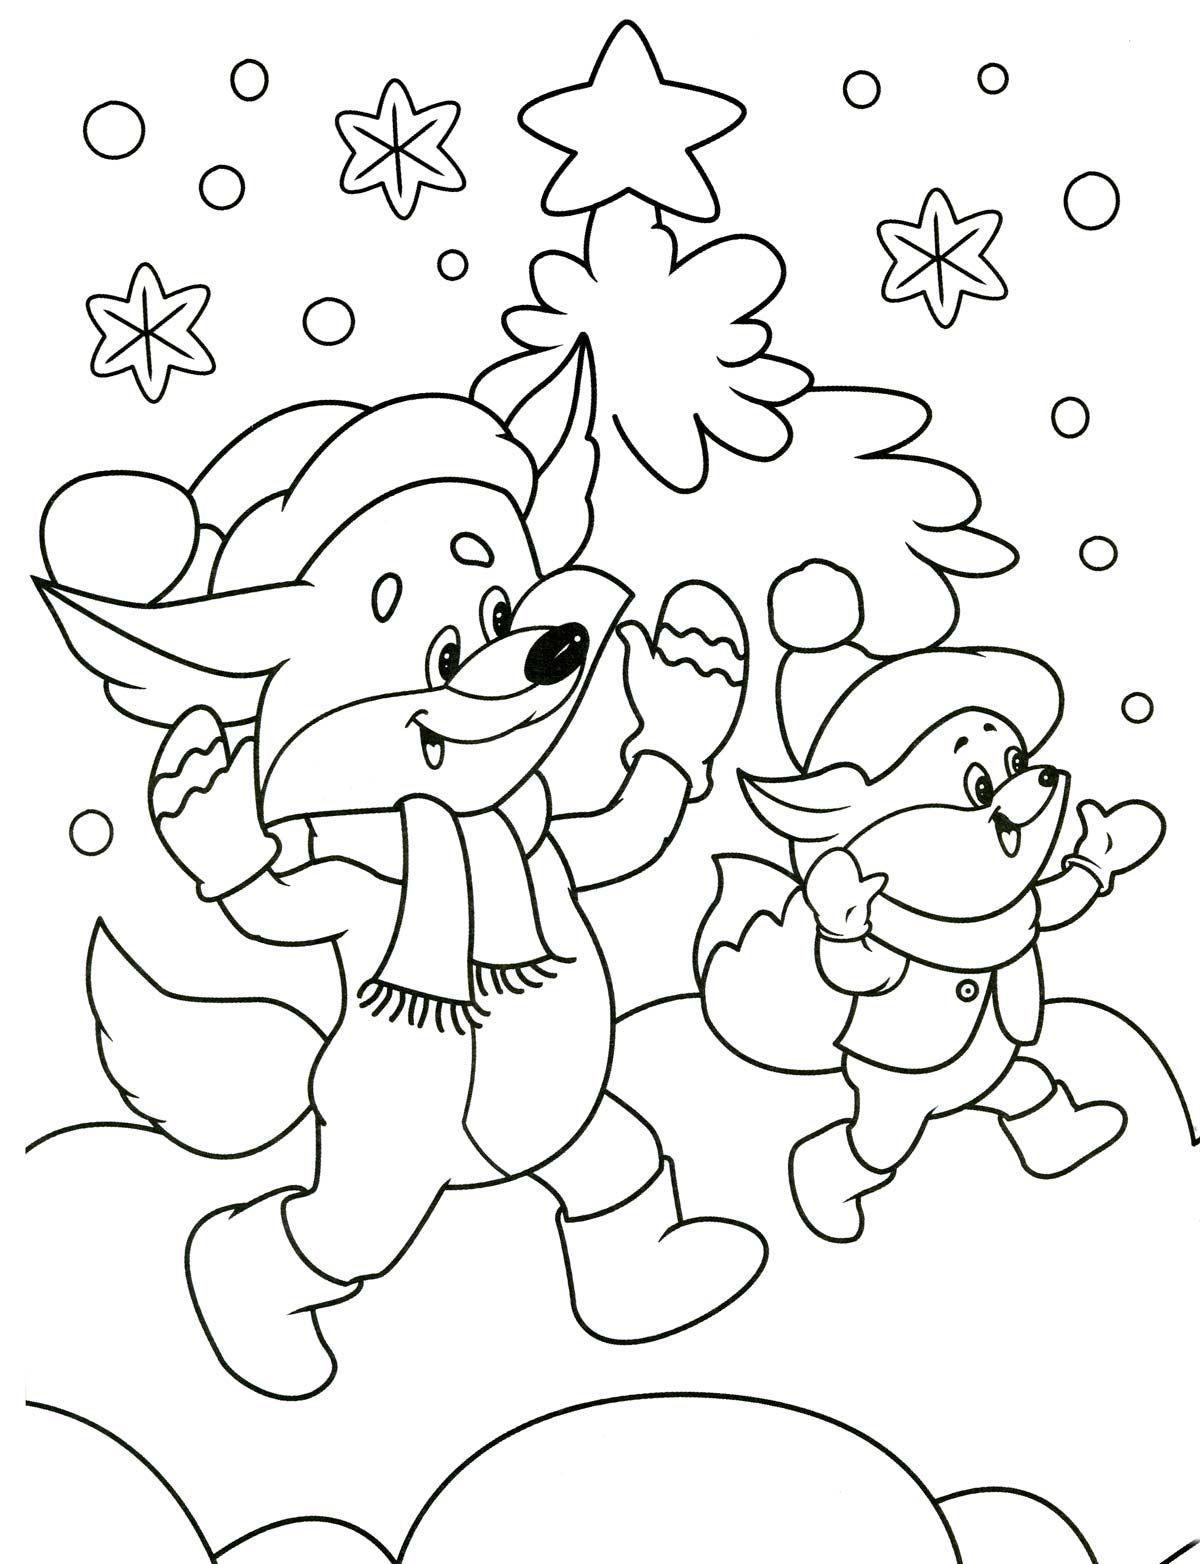 зимняя раскраска | Раскраски, Рисунки для раскрашивания